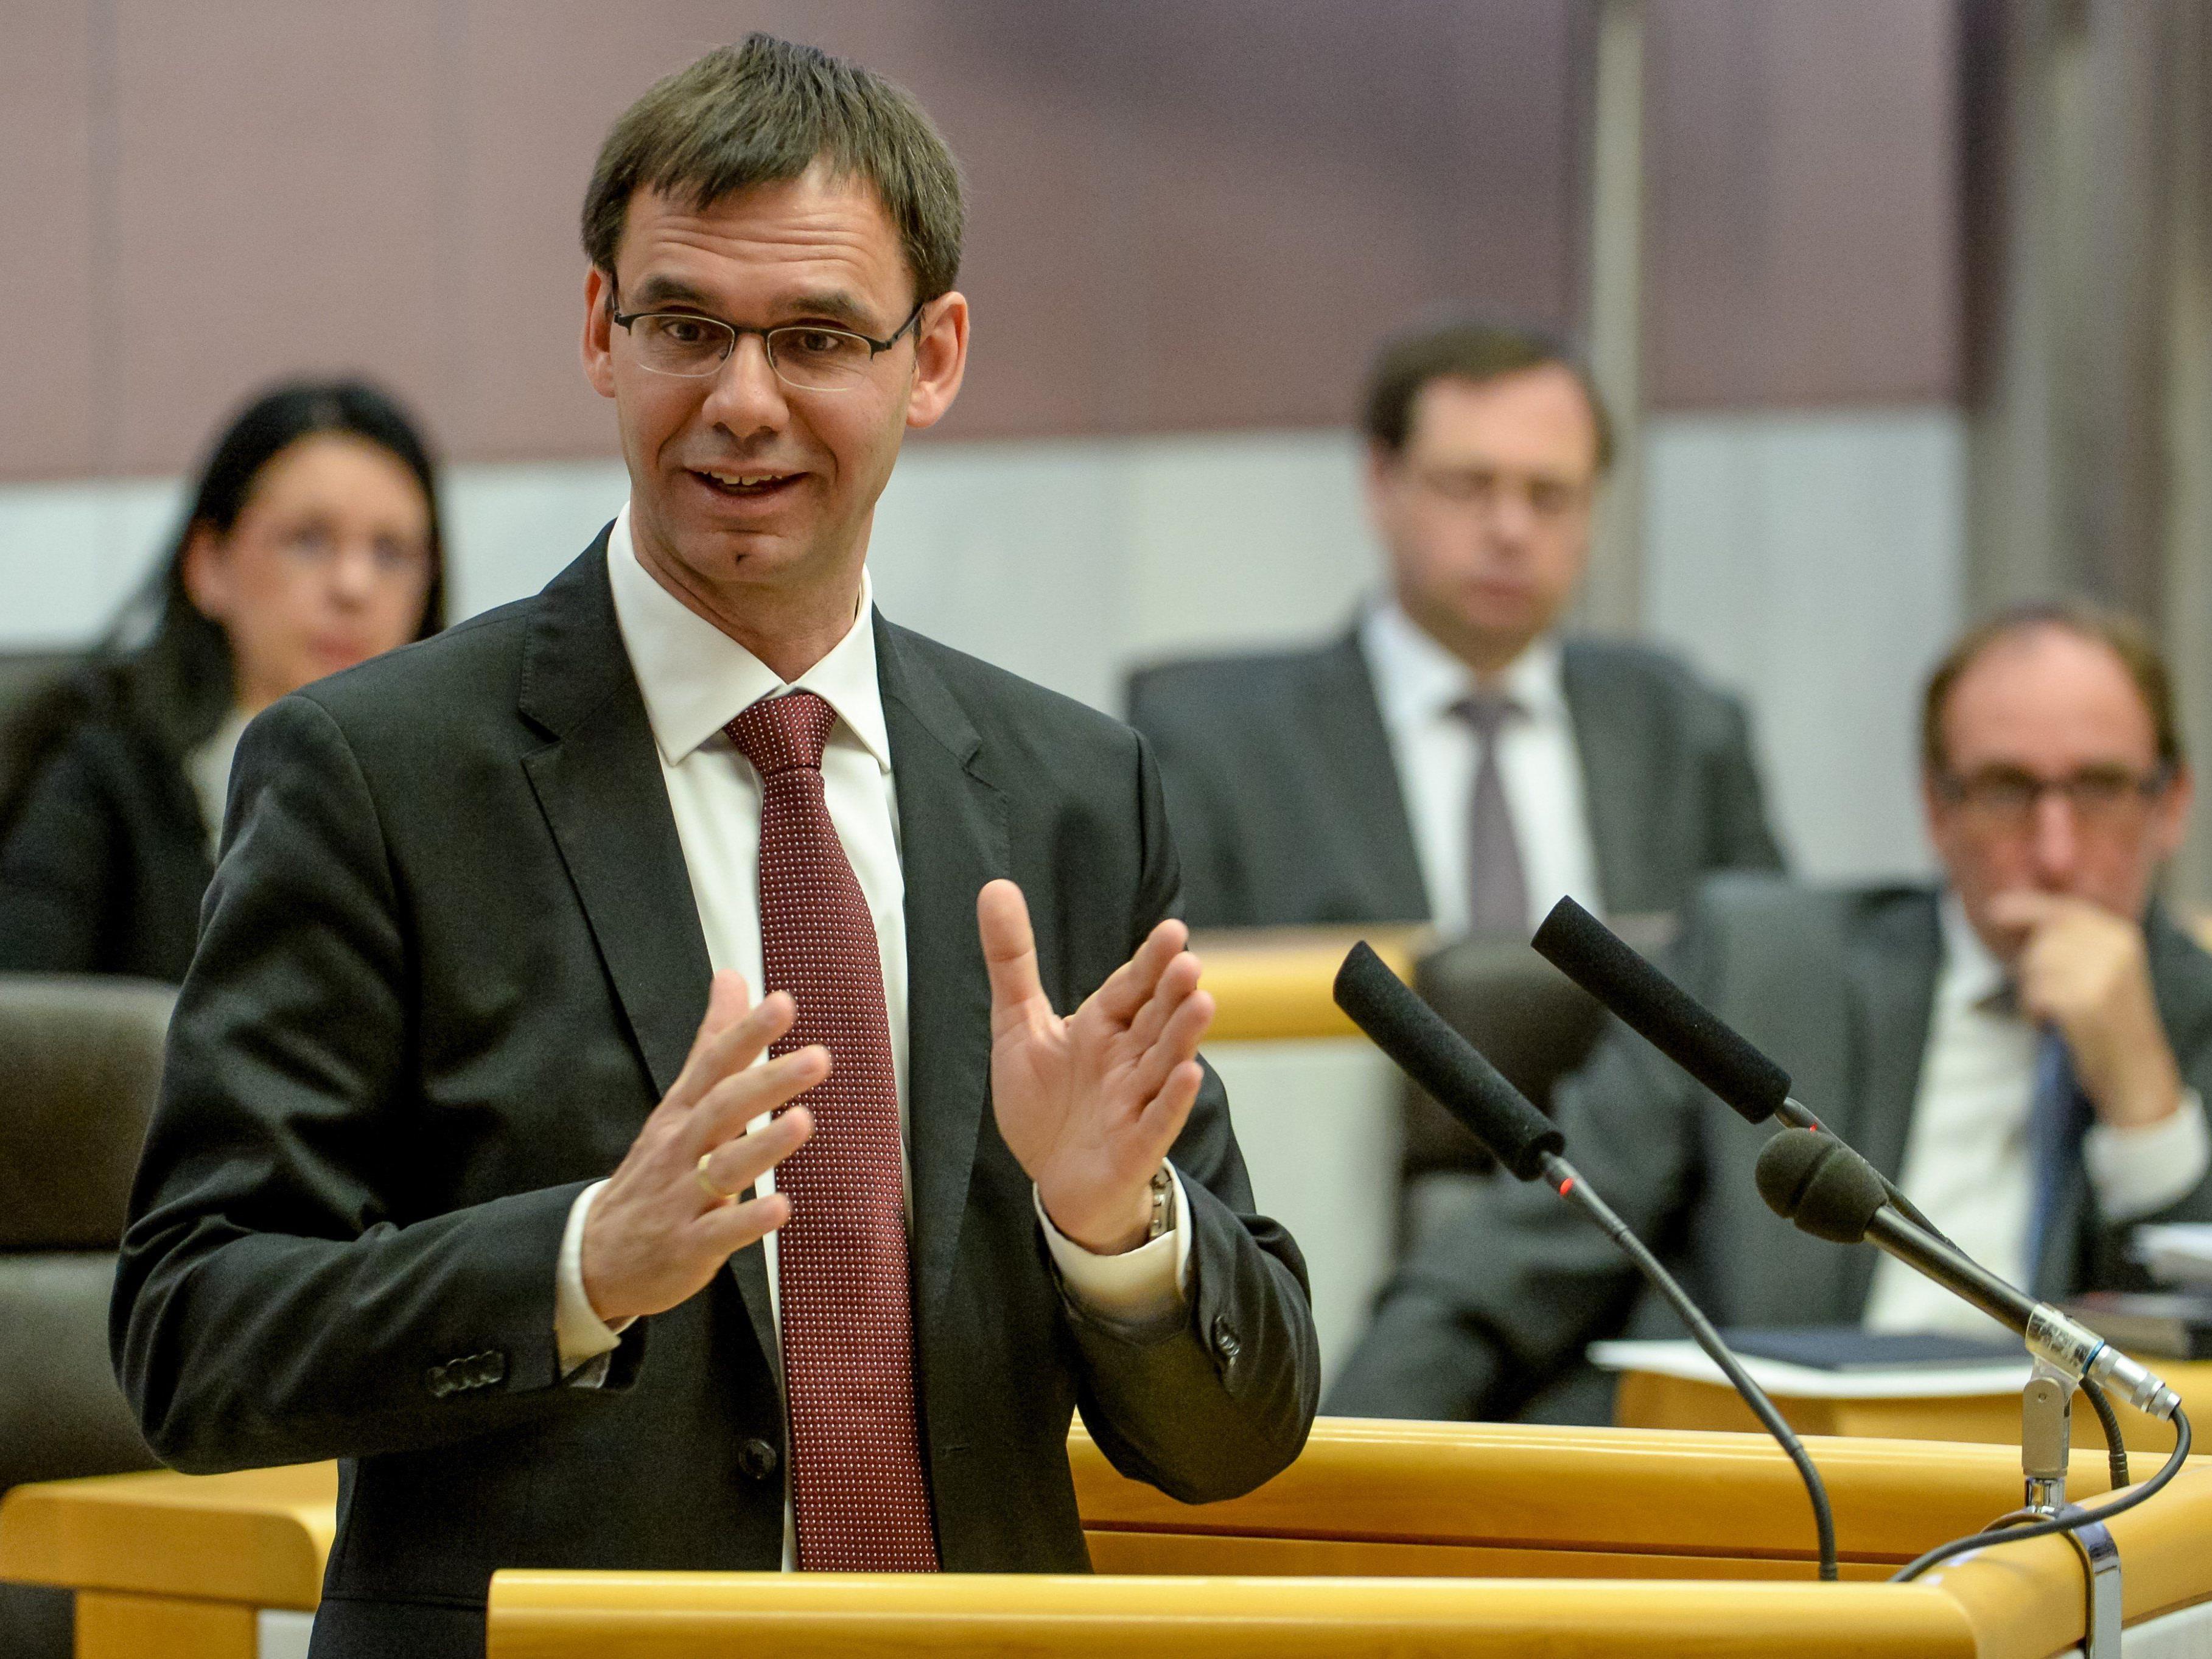 Landeshauptmann Wallner lobt die geplante Steuerreform, Koaltionspartner Johannes Rauch (r.) von den Grünen sieht sie eher kritisch.